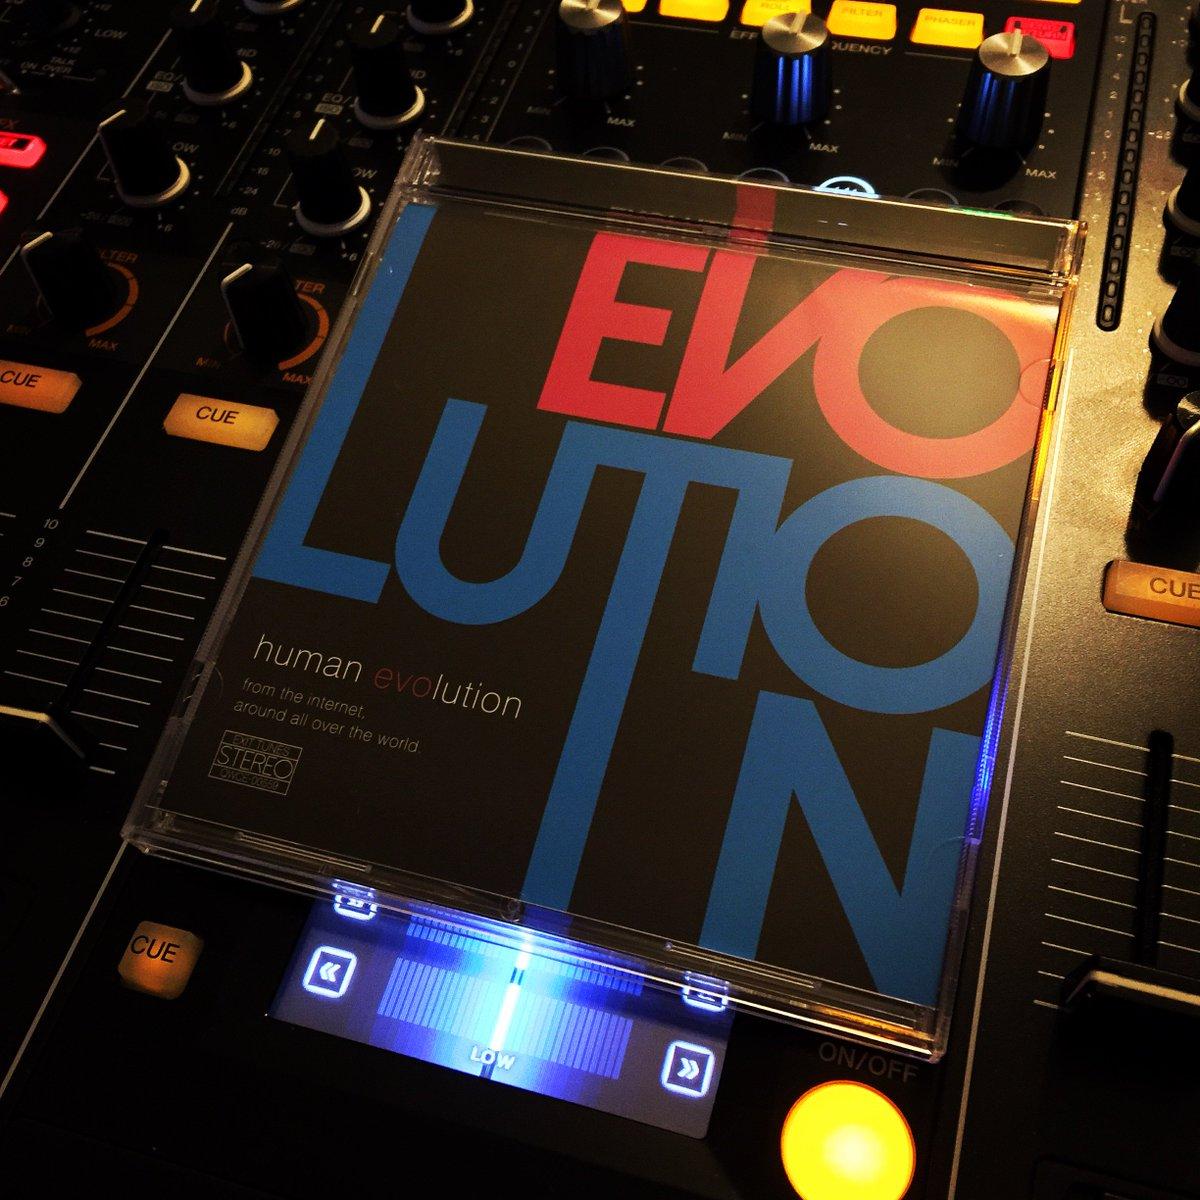 EVO+さん(@pekepomm)有難うございます!自分もEVO+さんのアルバム聴かせて頂いてます~!超ハイクオリティで、皆さんにもオススメ